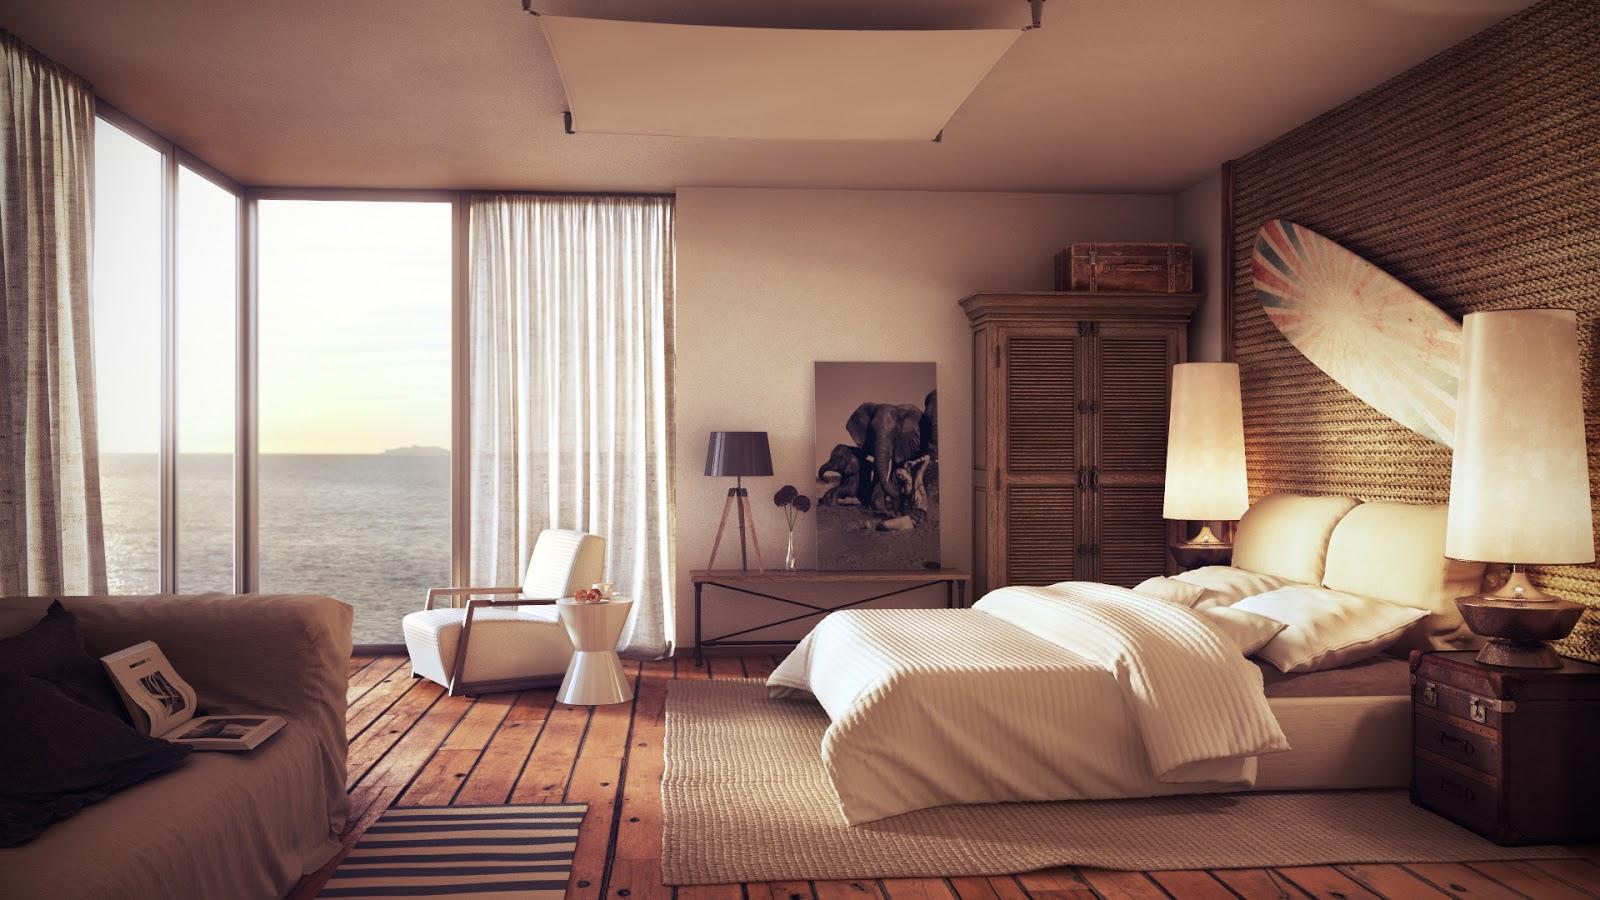 Умопомрачительные шторы в дизайне интерьера помещения